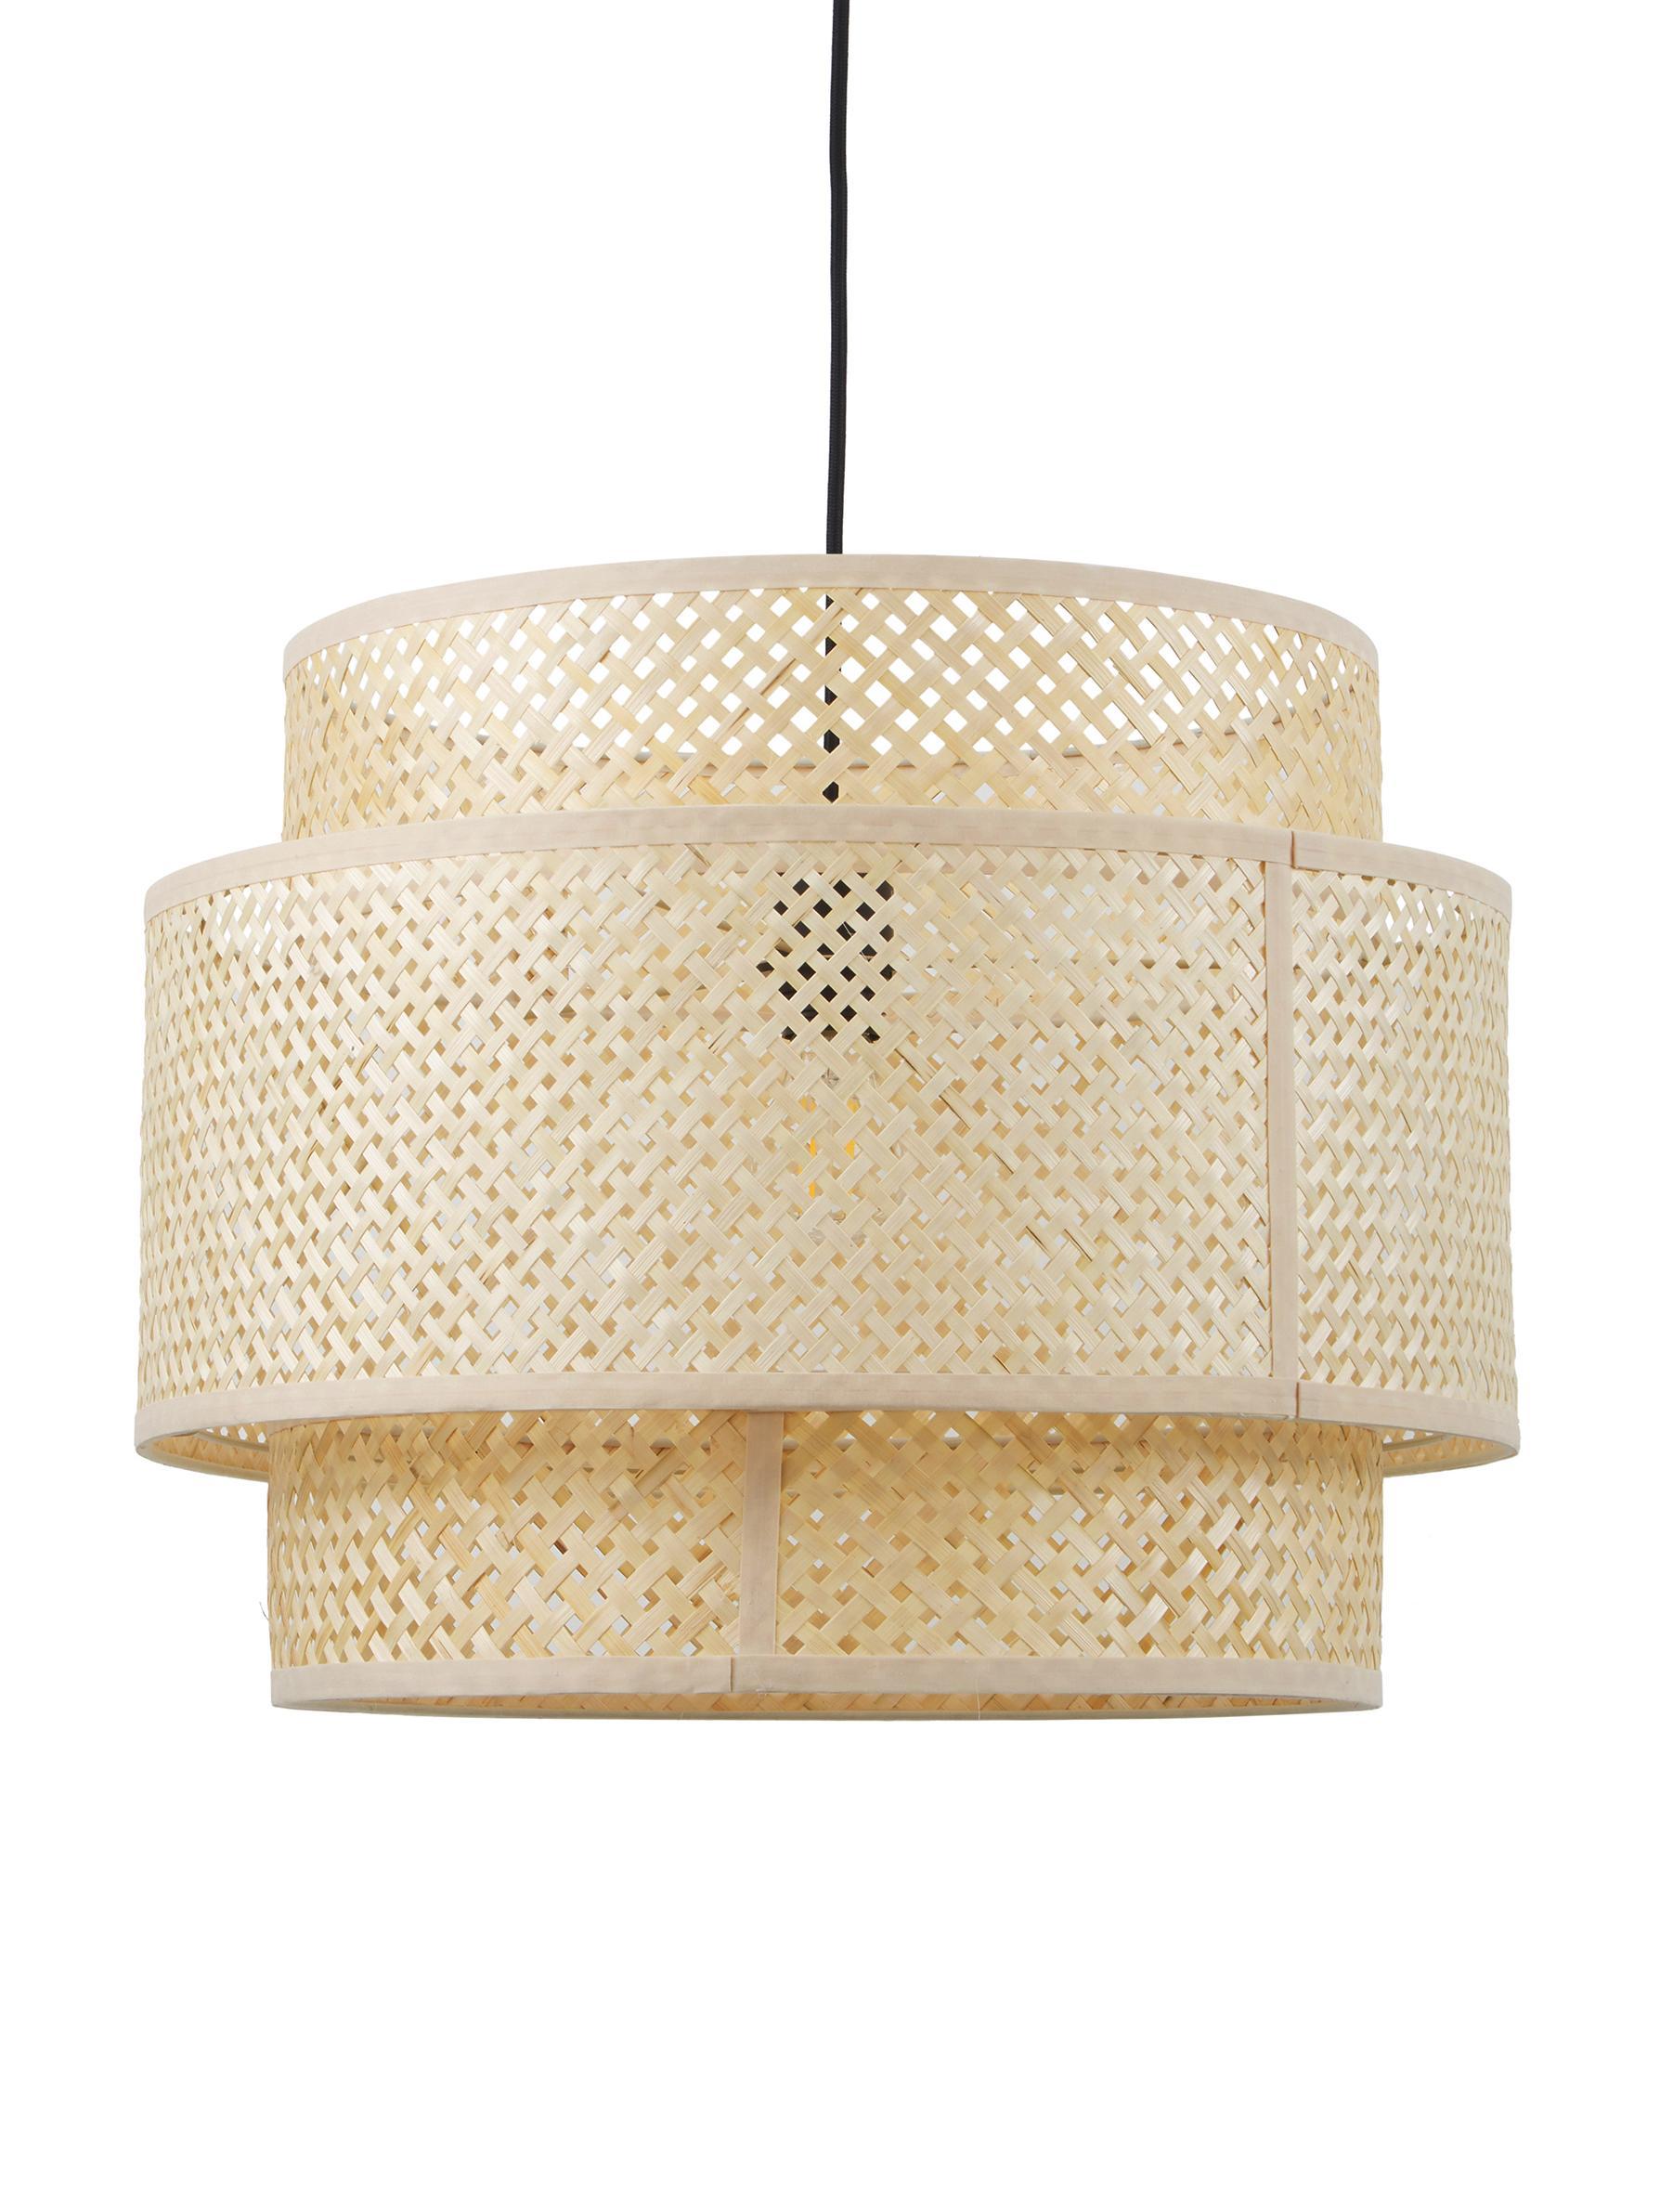 Lampada a sospensione in bambù Eve, Paralume: bambù, Paralume: metallo verniciato a polv, Beige, Ø 50 x Alt. 40 cm